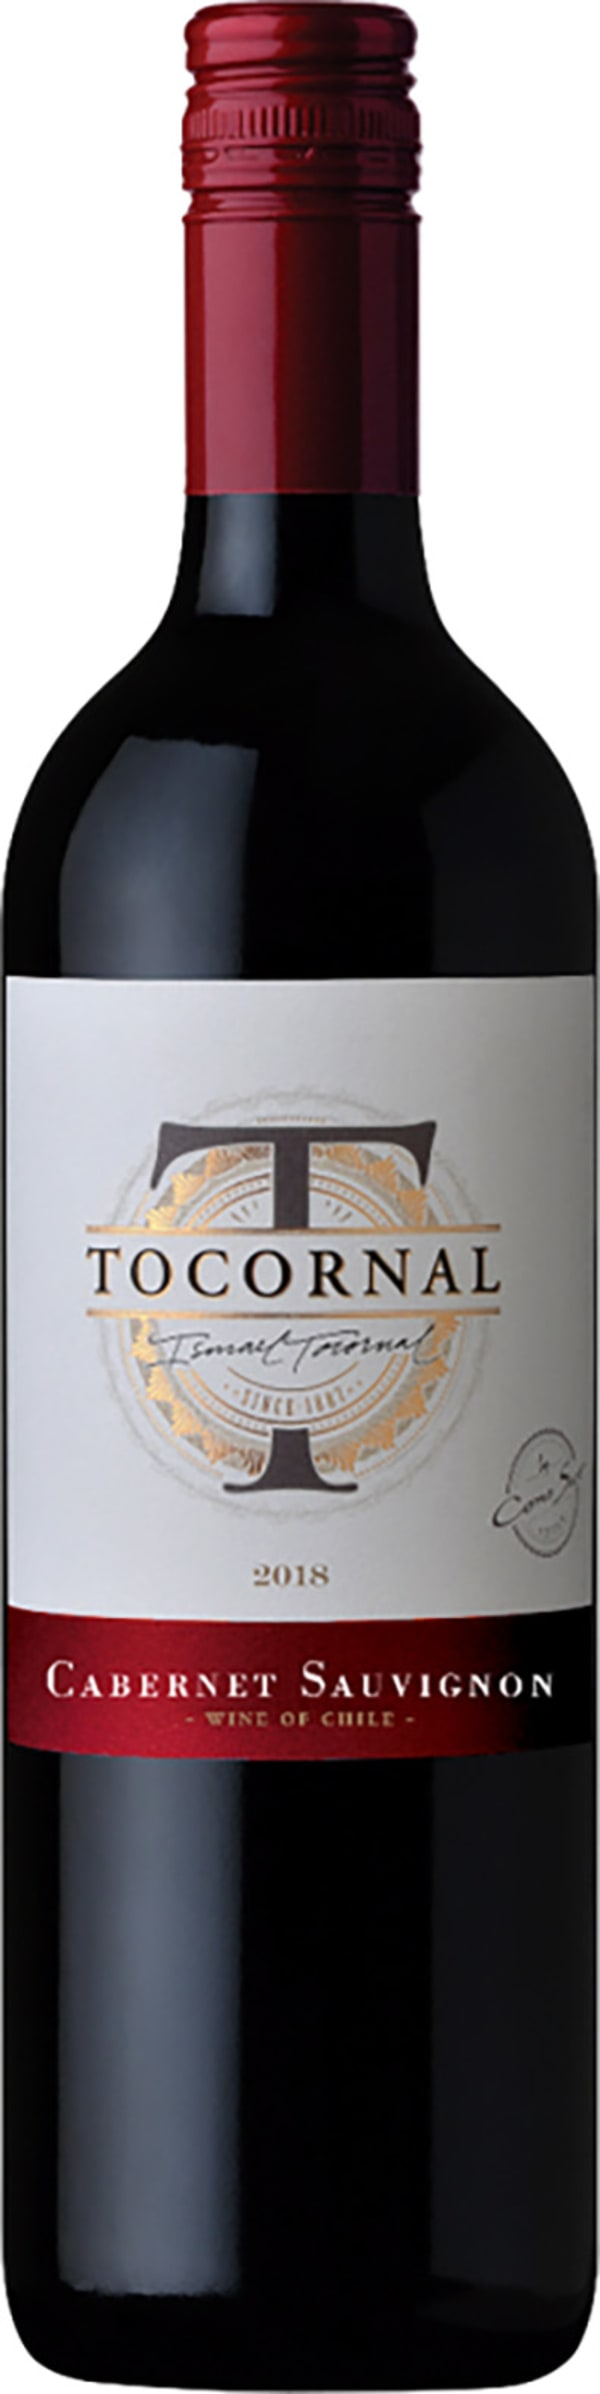 Cono Sur Tocornal Cabernet Sauvignon 2016